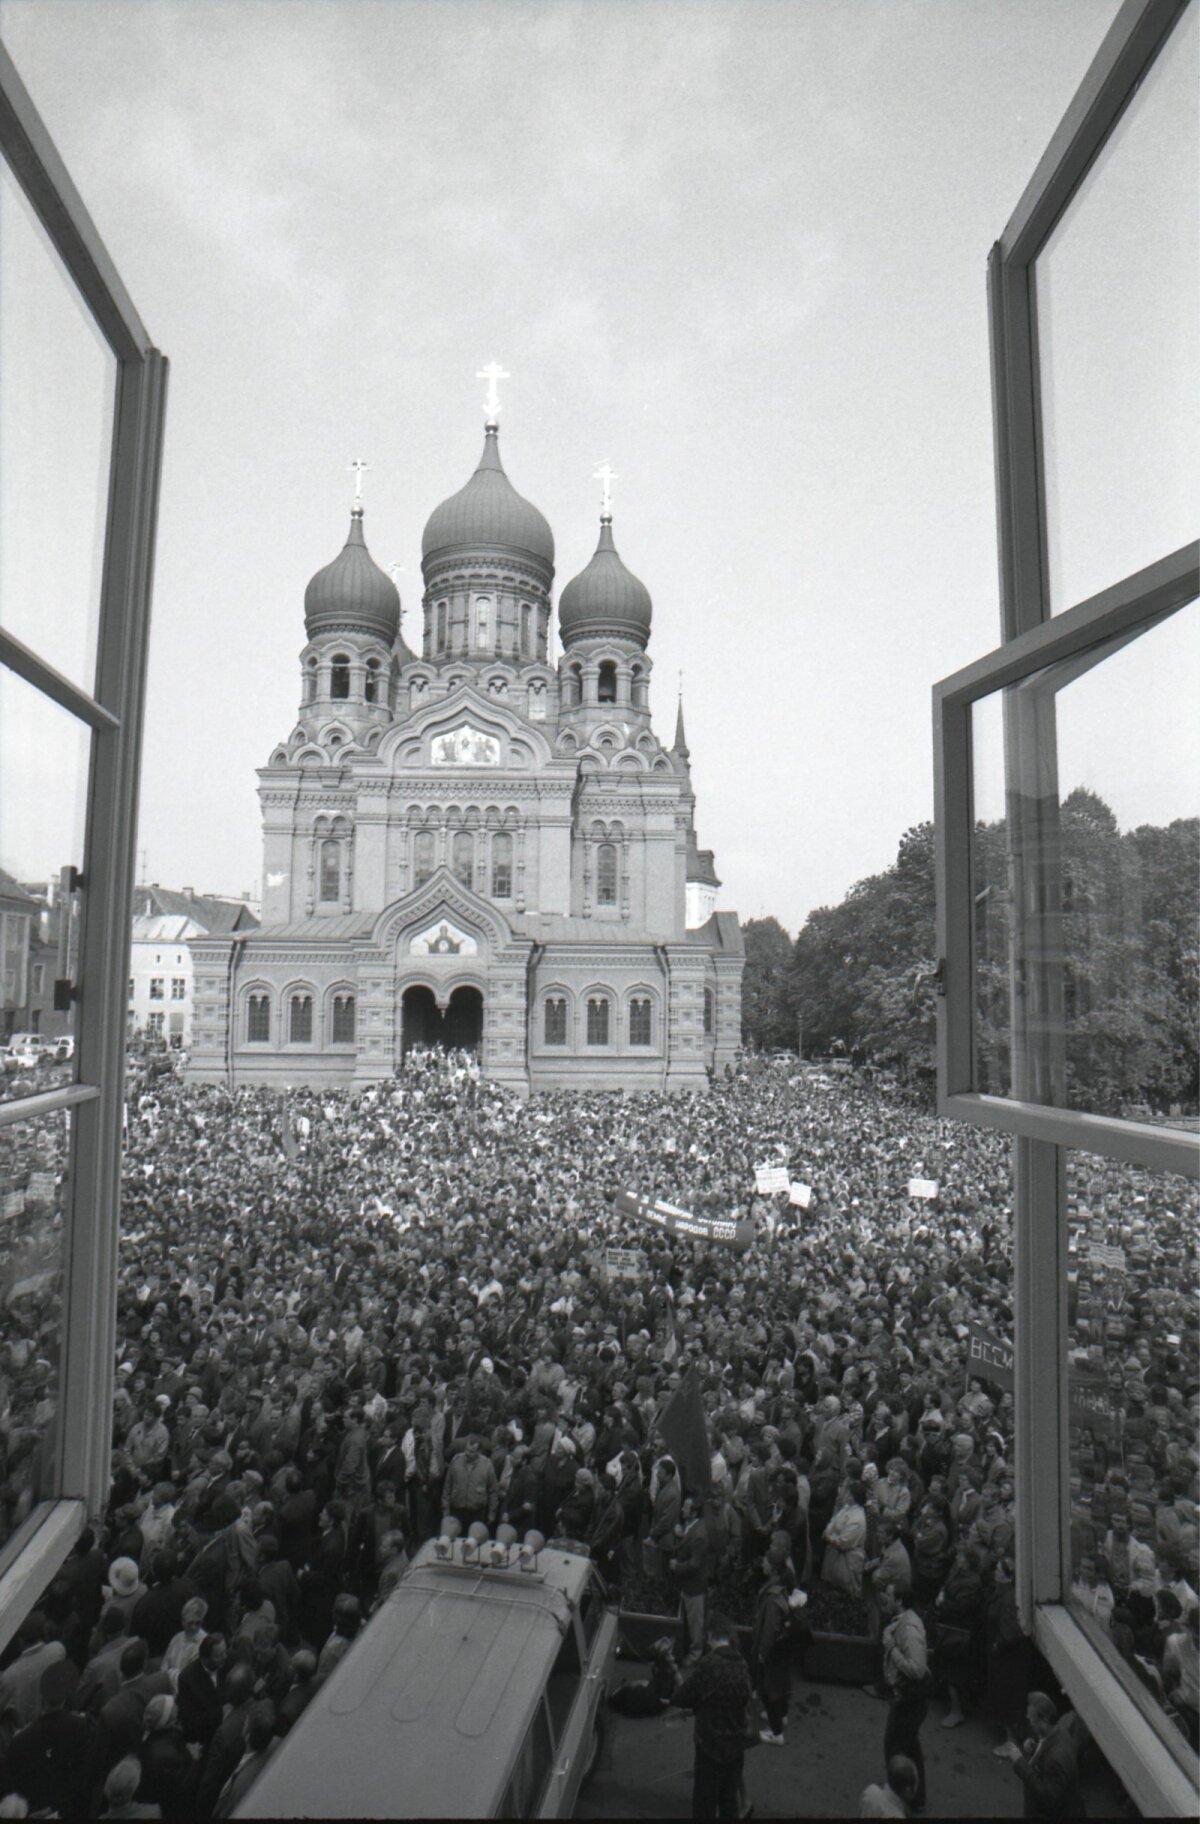 Interliikumise üks juhte, Tondi diviisi endine komandör erukindralmajor Nikolai Aksinin seisab Aleksander Nevski katedraali trepil. Otsekui tulejuhtimispunktis.